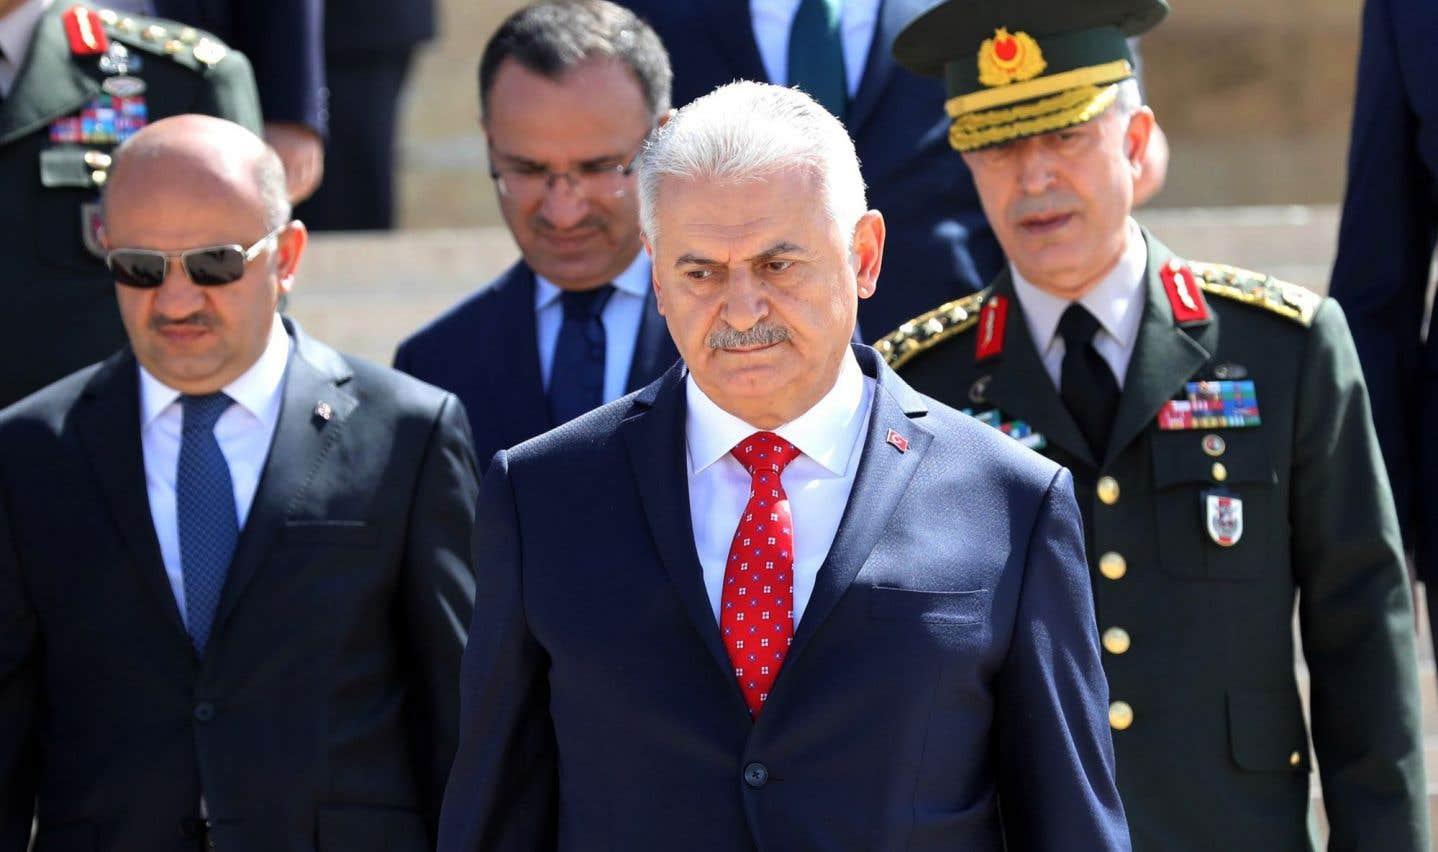 Le premier ministre turc, Binali Yildirim (centre), en compagnie du chef d'état-major de l'armée, Hulusi Akar